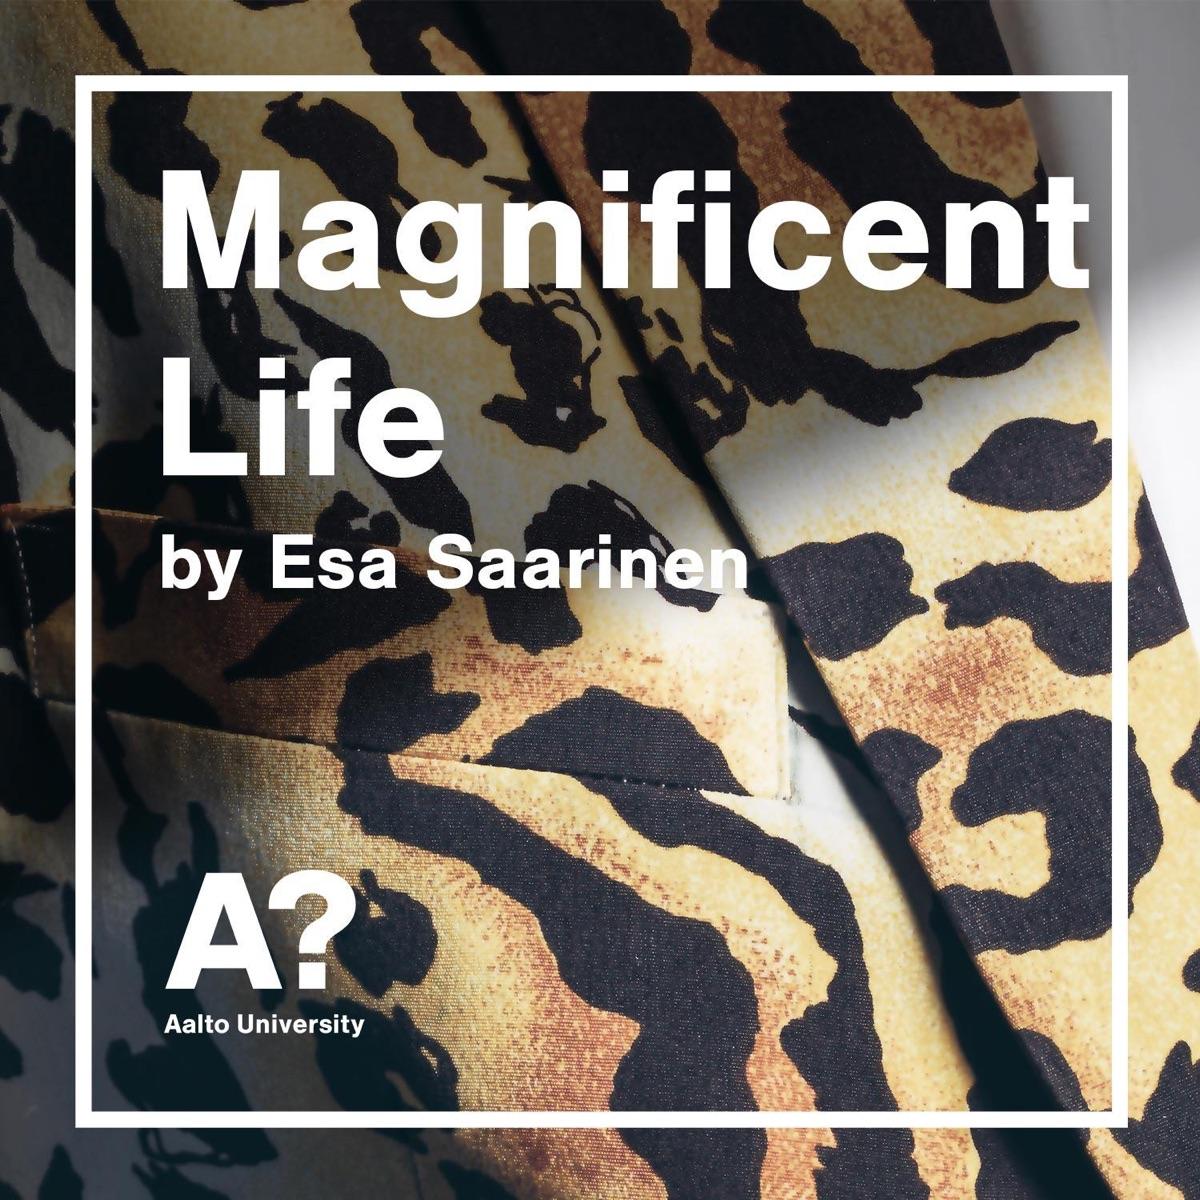 Magnificent Life by philosopher Esa Saarinen